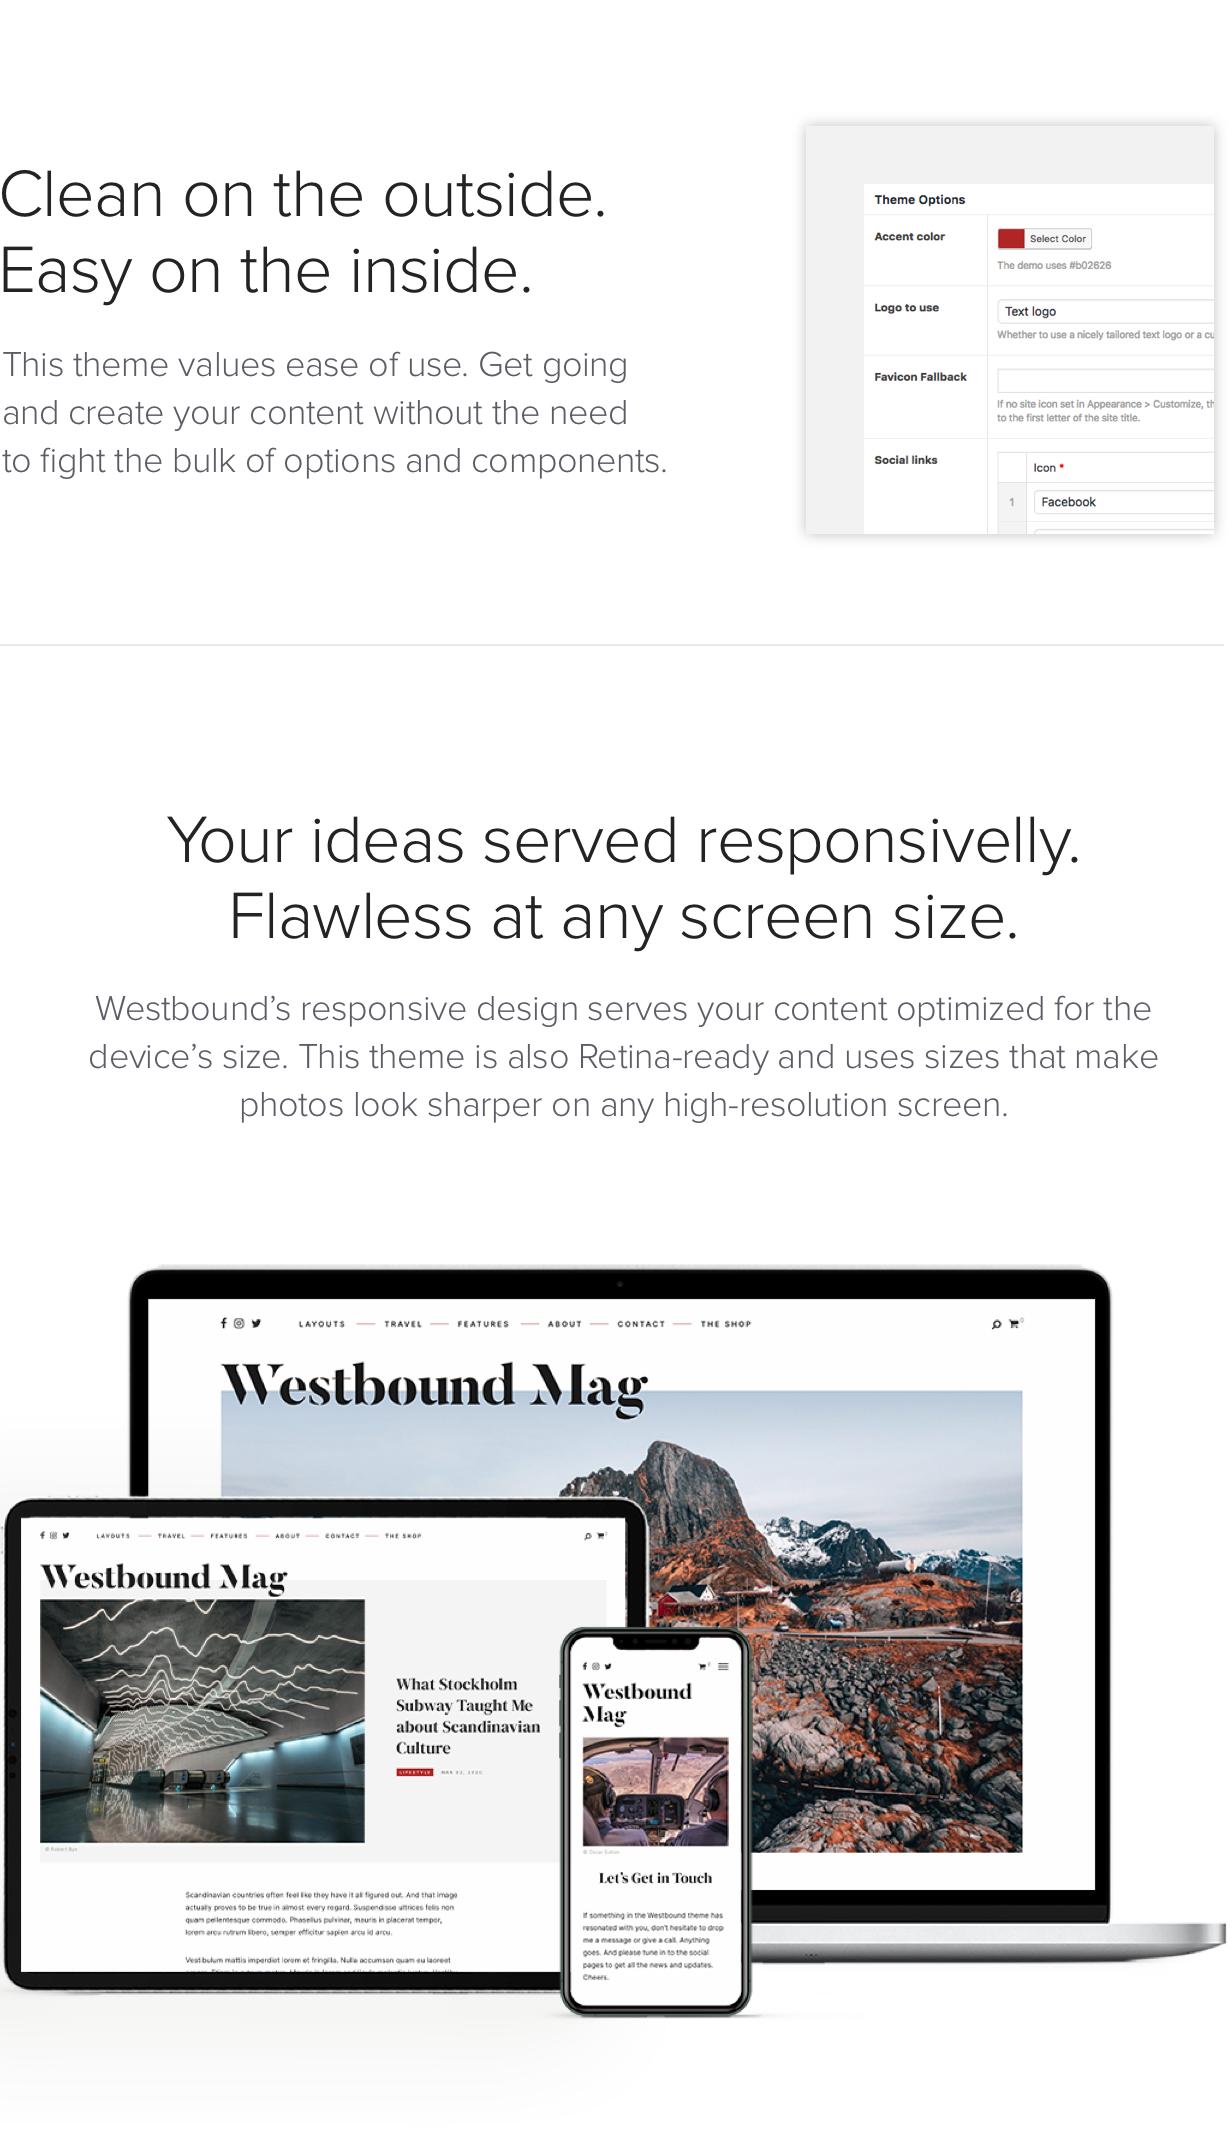 Westbound - Ein Storyful WordPress Blogging Theme - 3